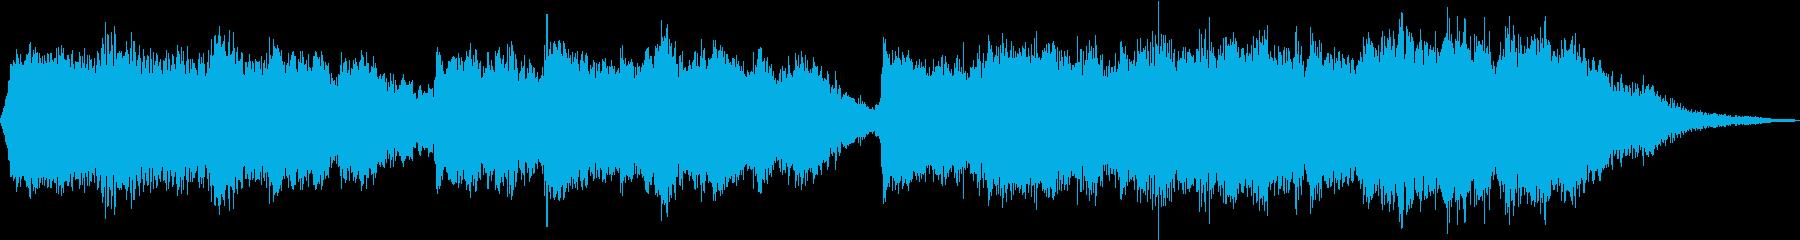 筝と和鈴がしみ入る「さくらさくら」編曲の再生済みの波形